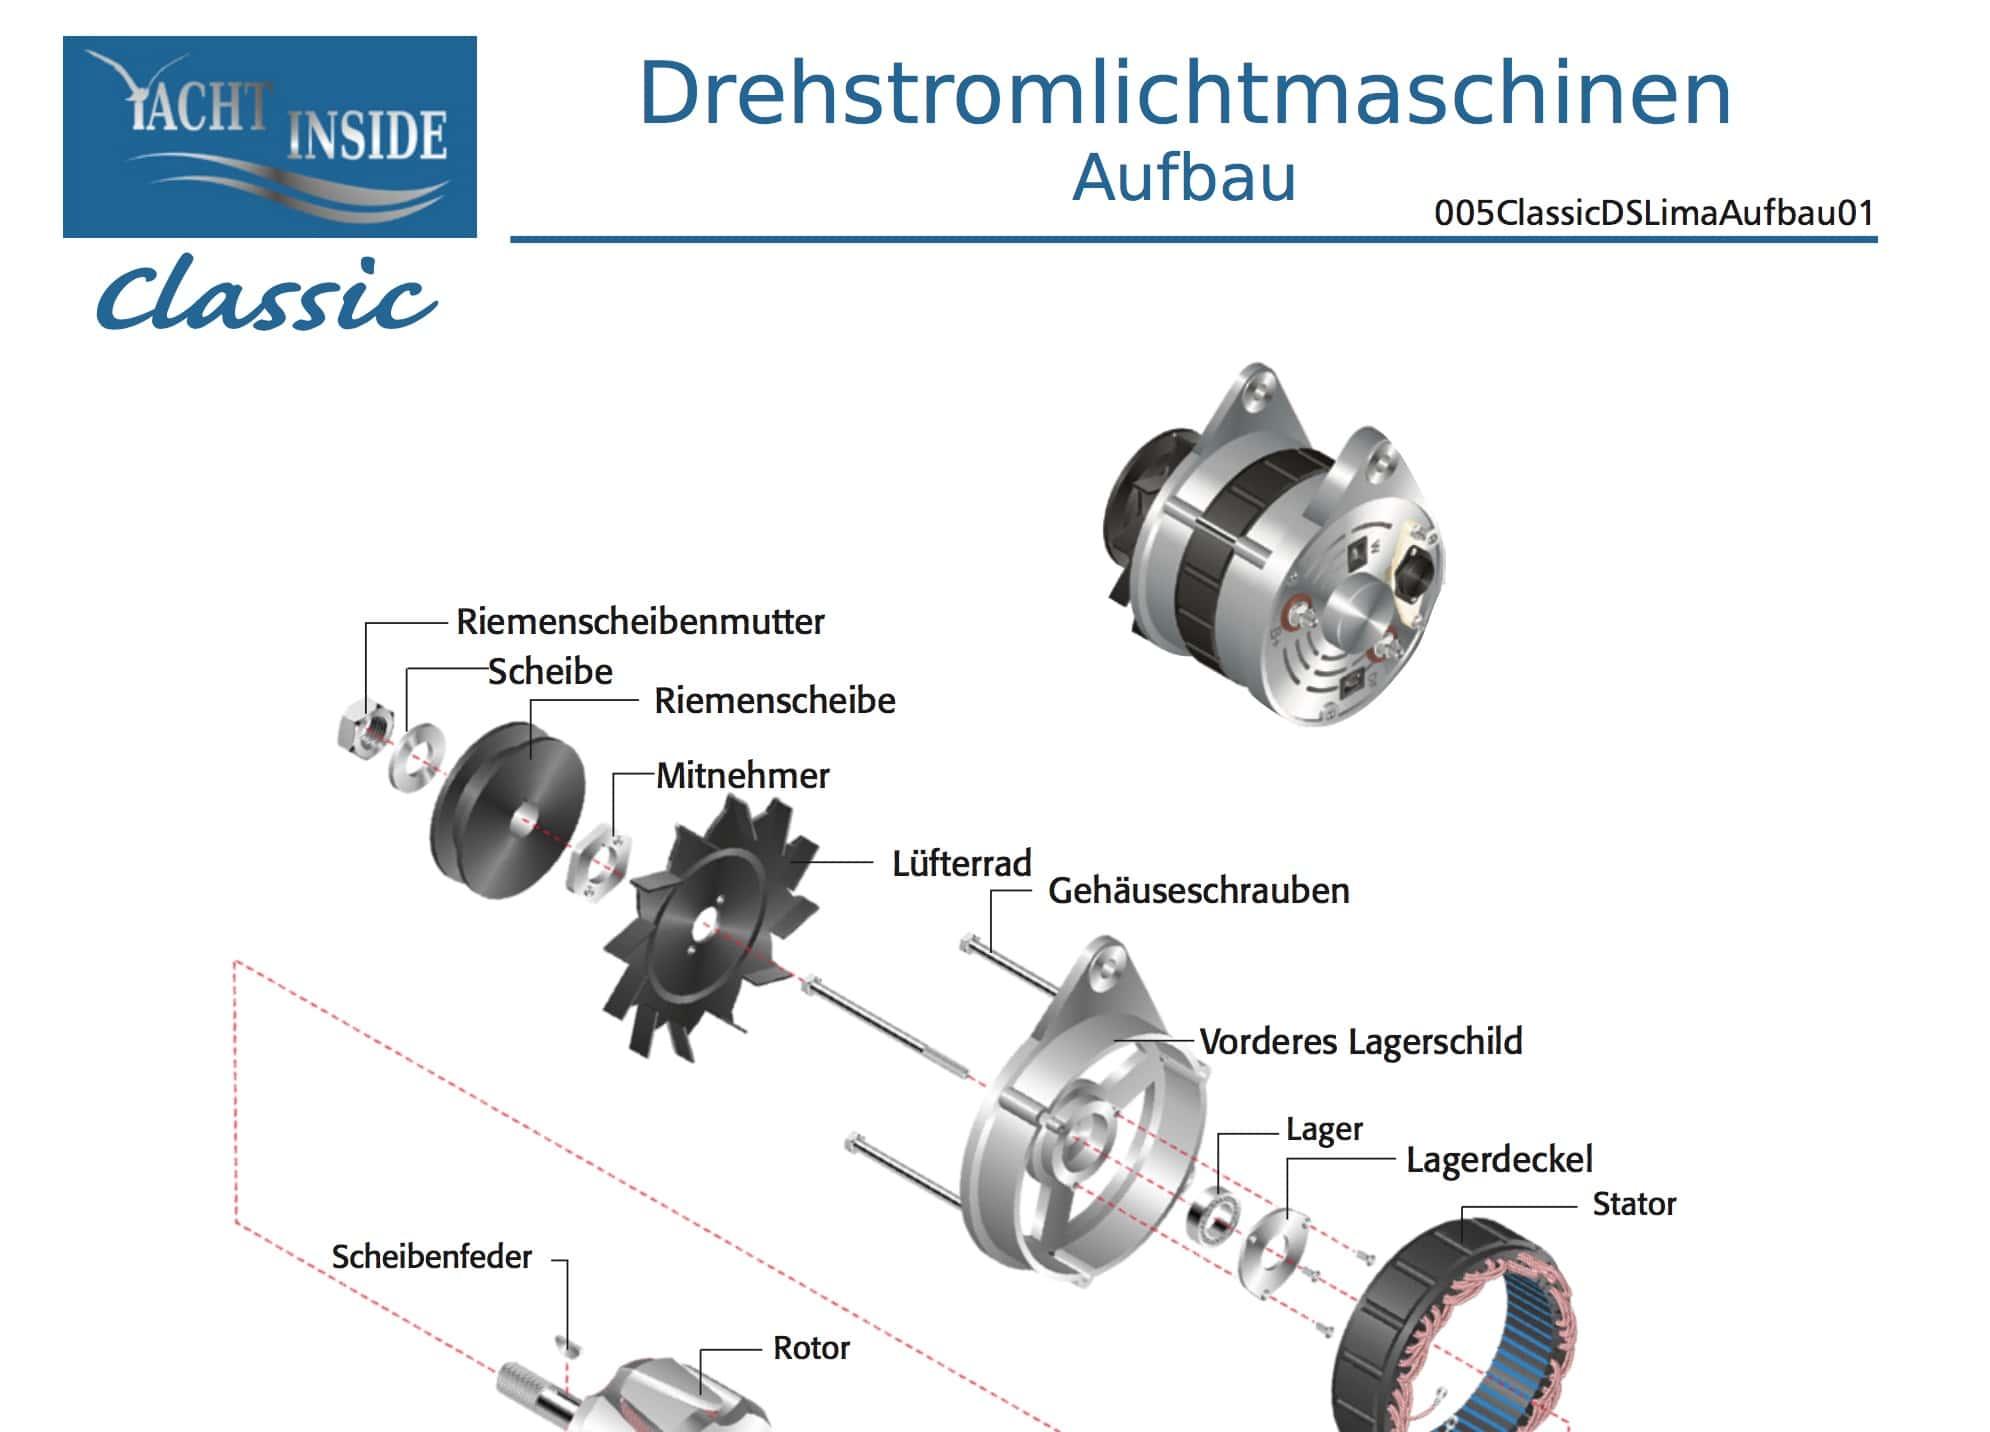 Wunderbar 1 Draht Lichtmaschine Marine Zeitgenössisch - Elektrische ...